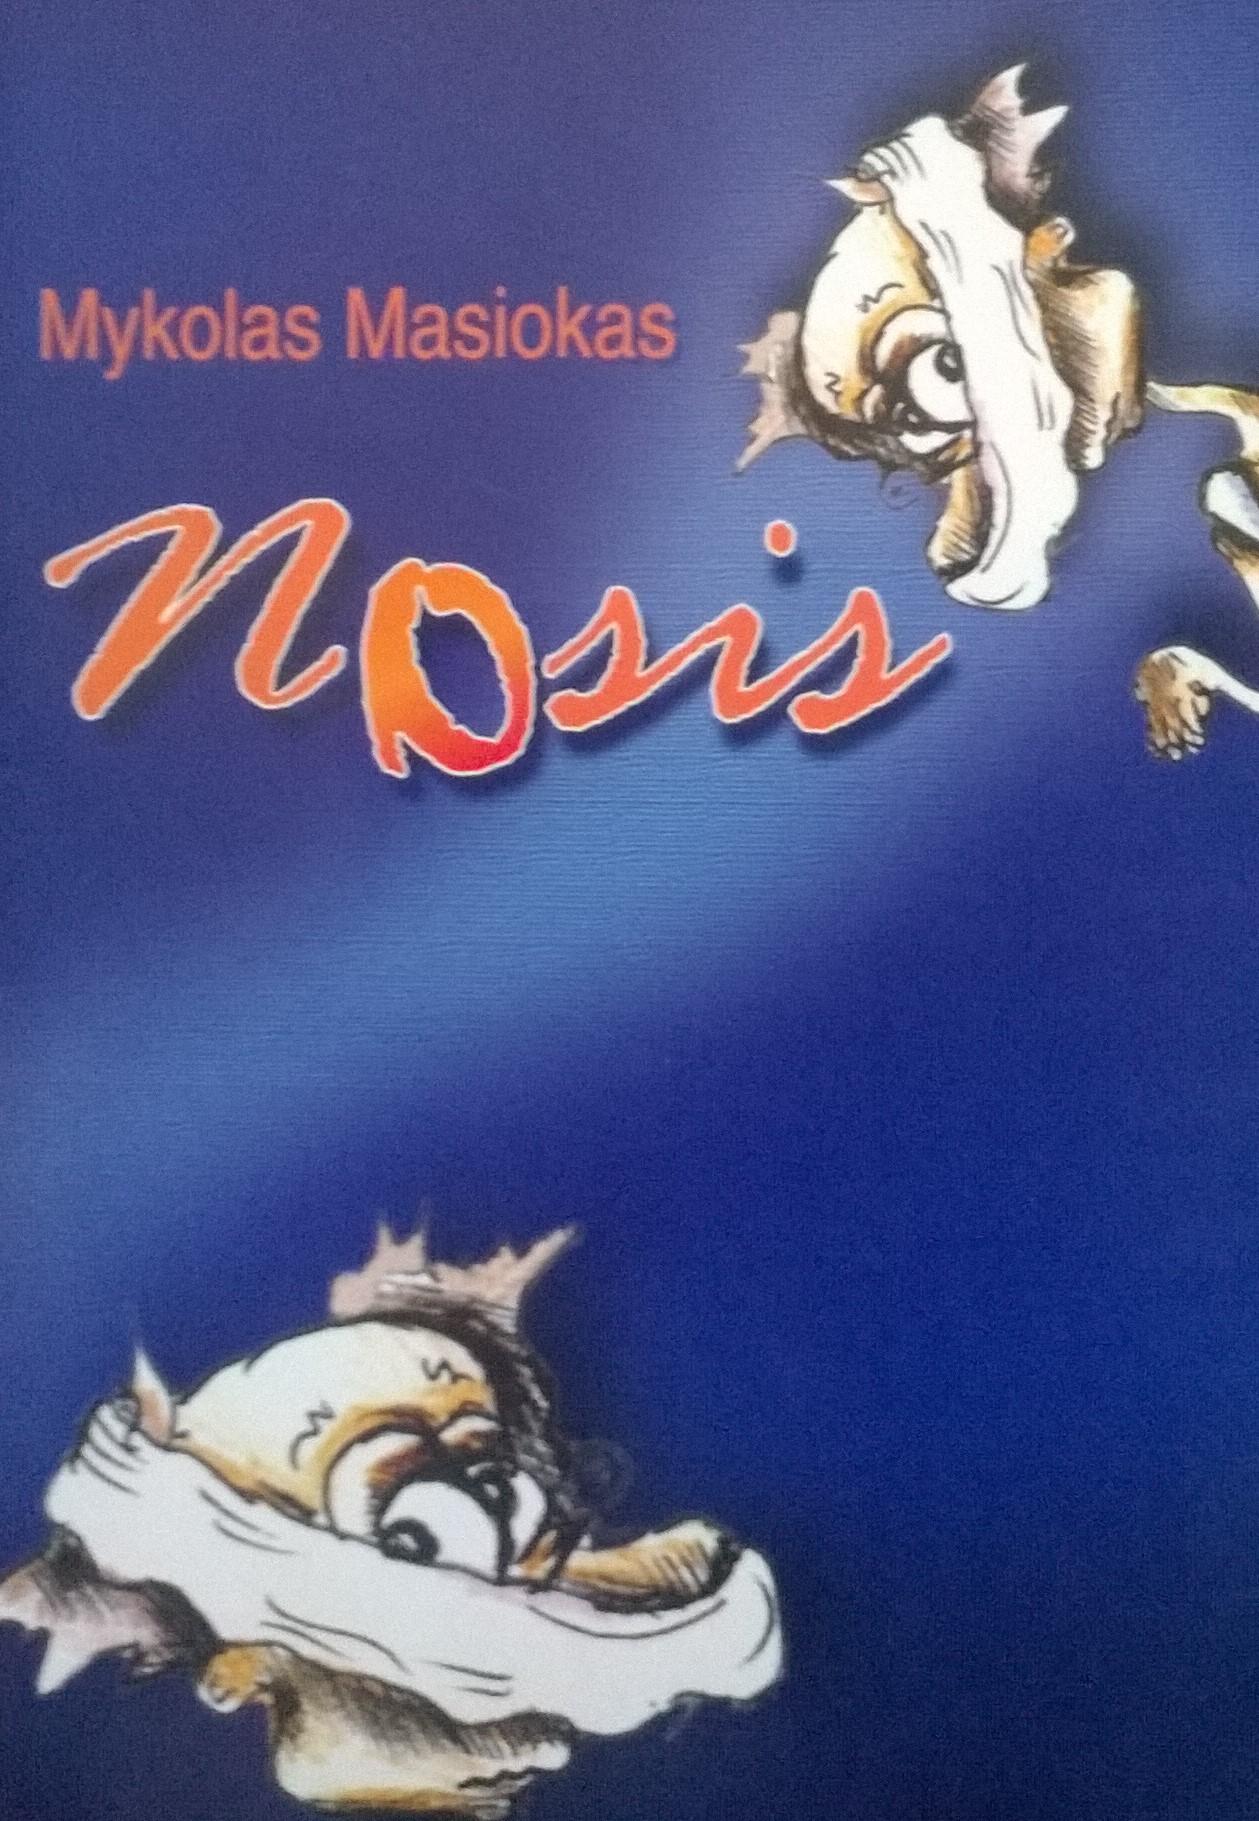 Mykolas Masiokas. Nosis